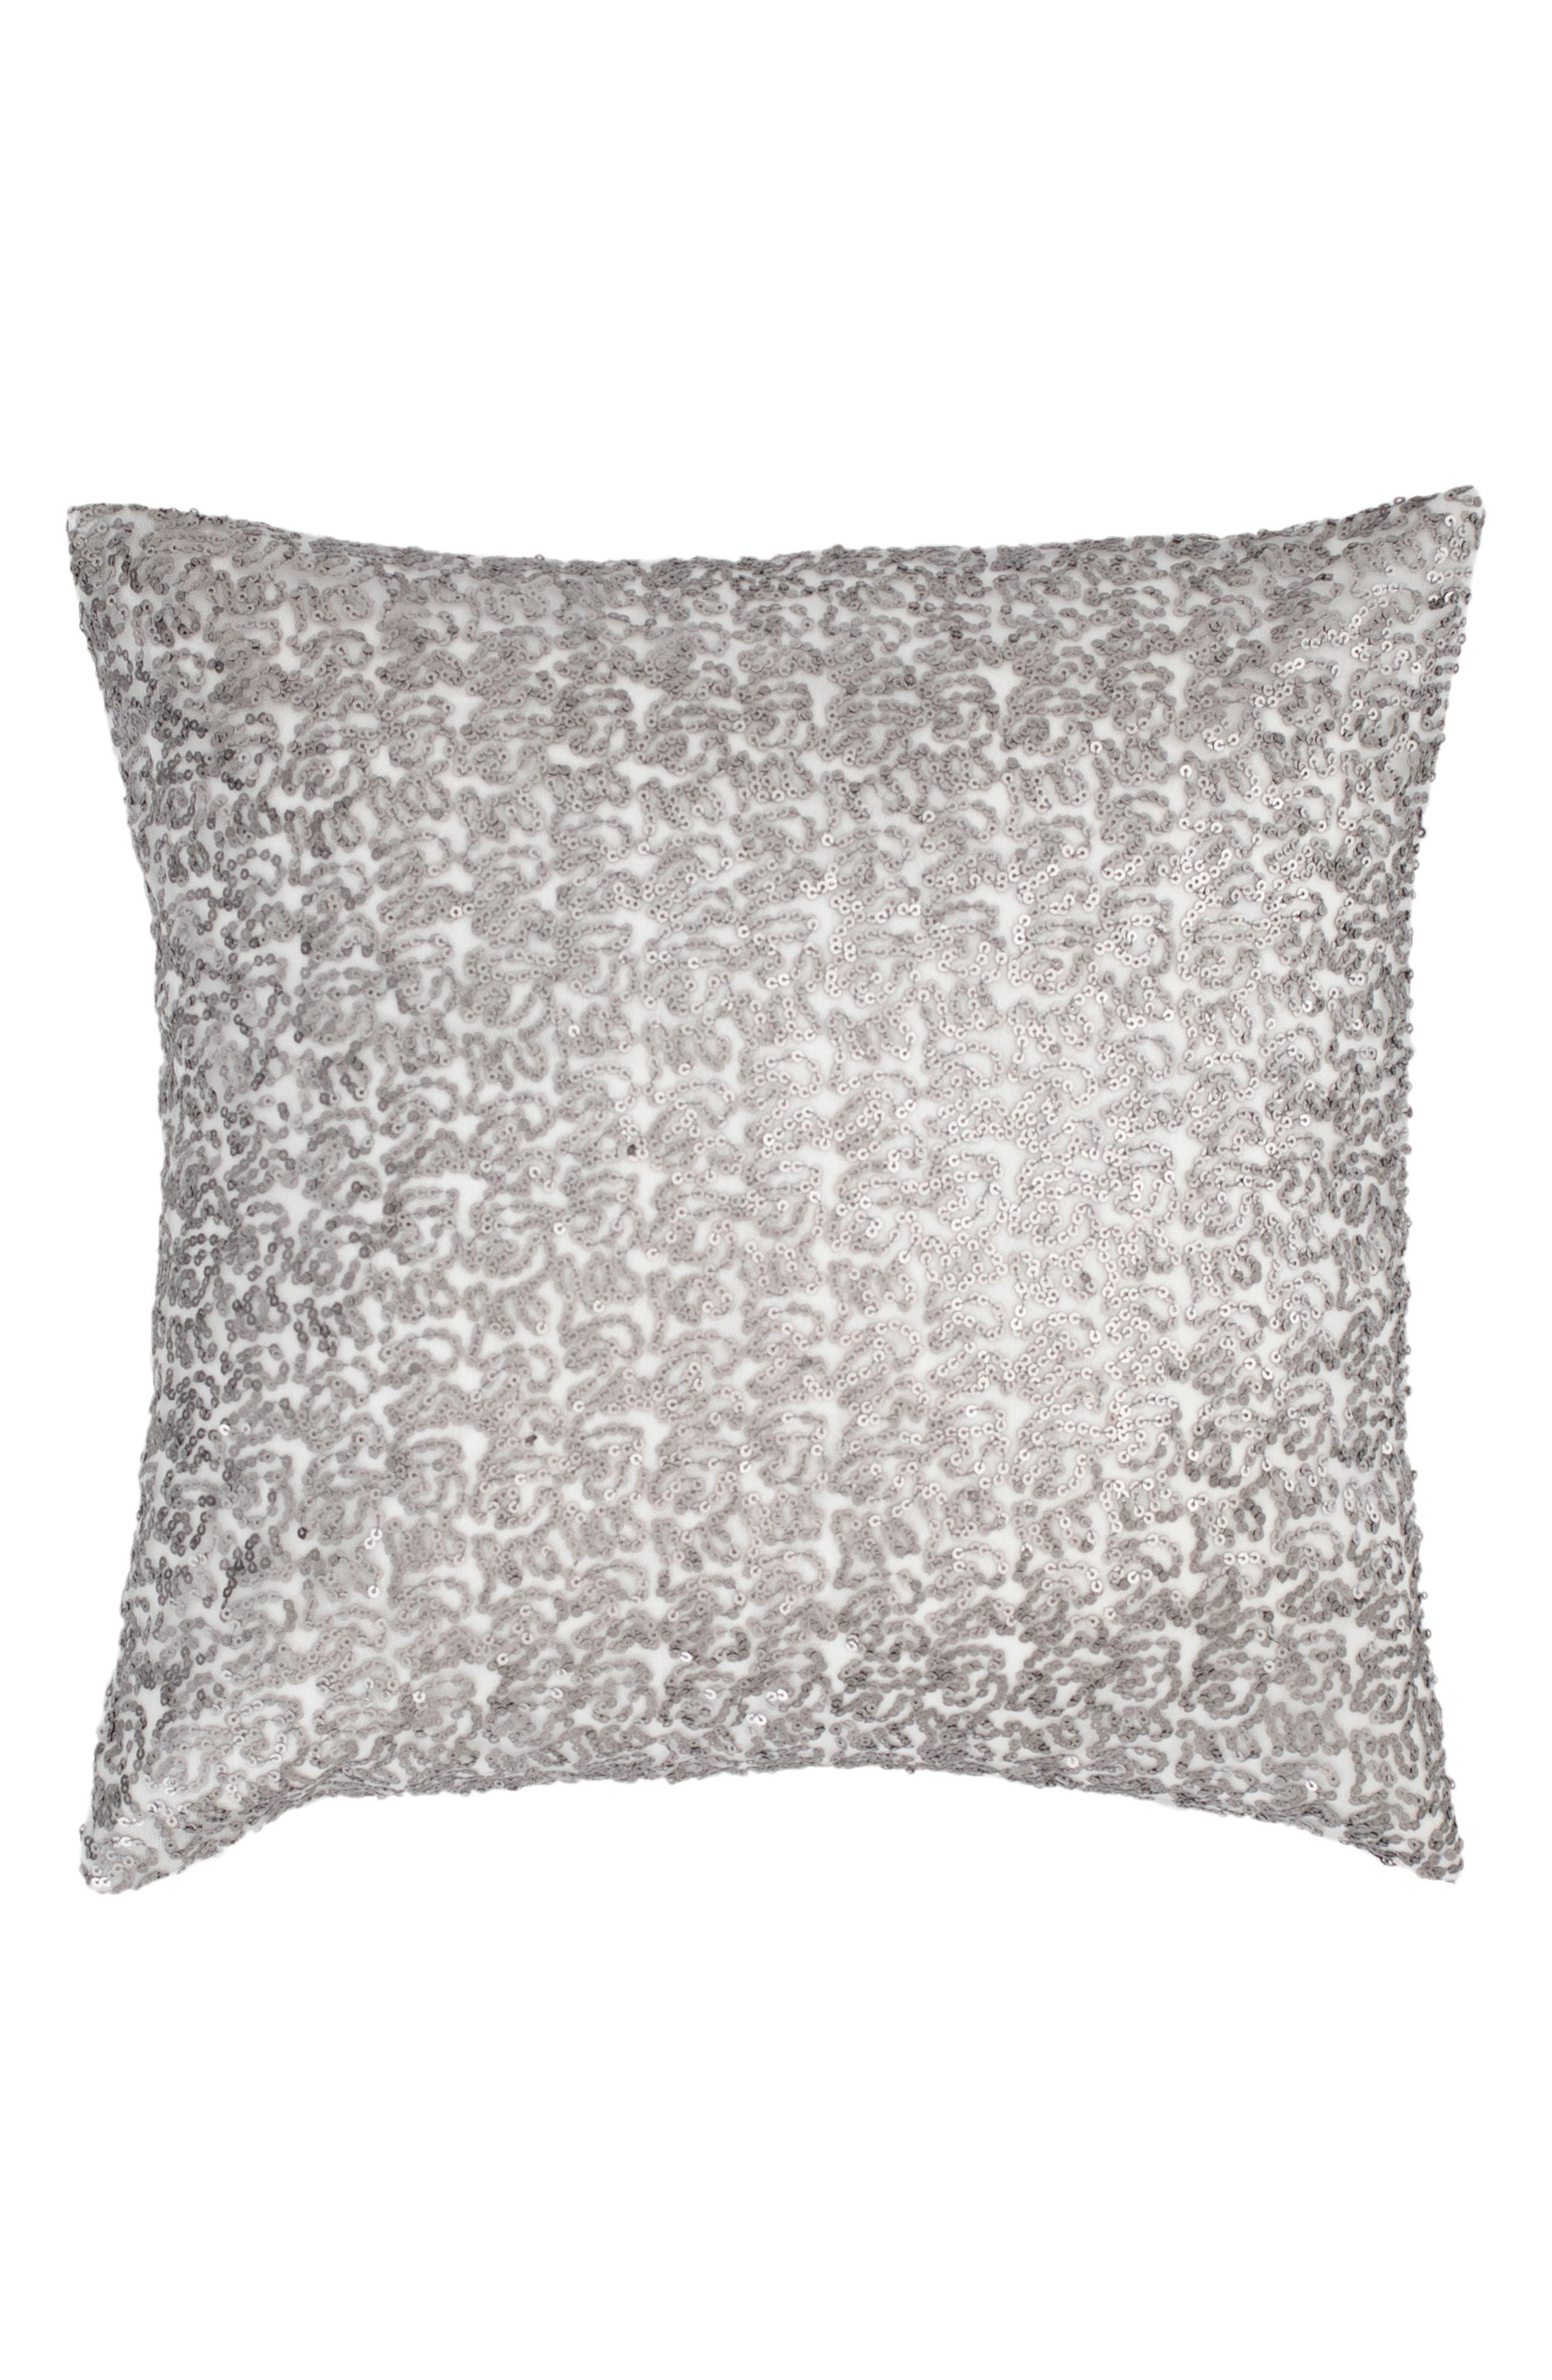 Glaze Sequin Accent Pillow,                         Main,                         color, 040